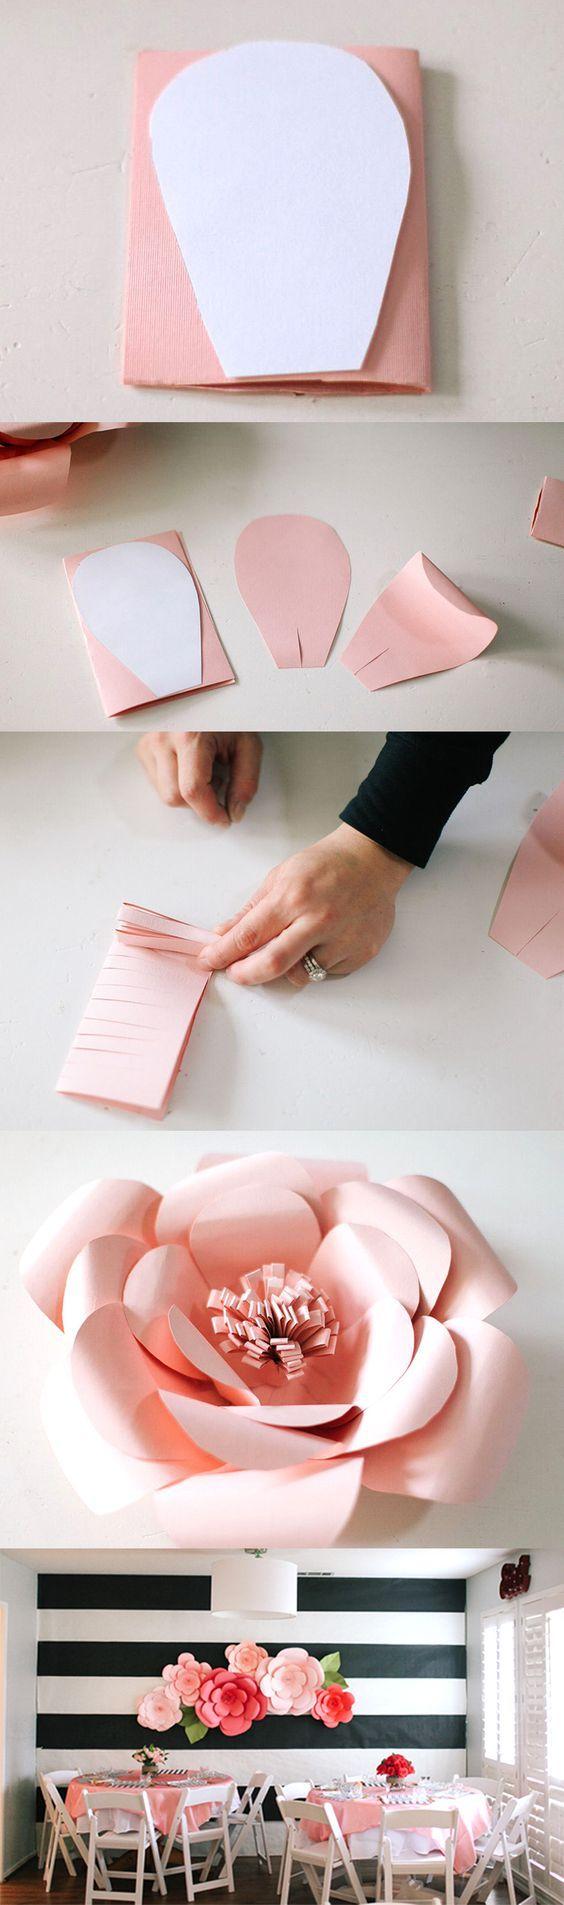 Un tuto pour des fleurs en papier super jolies